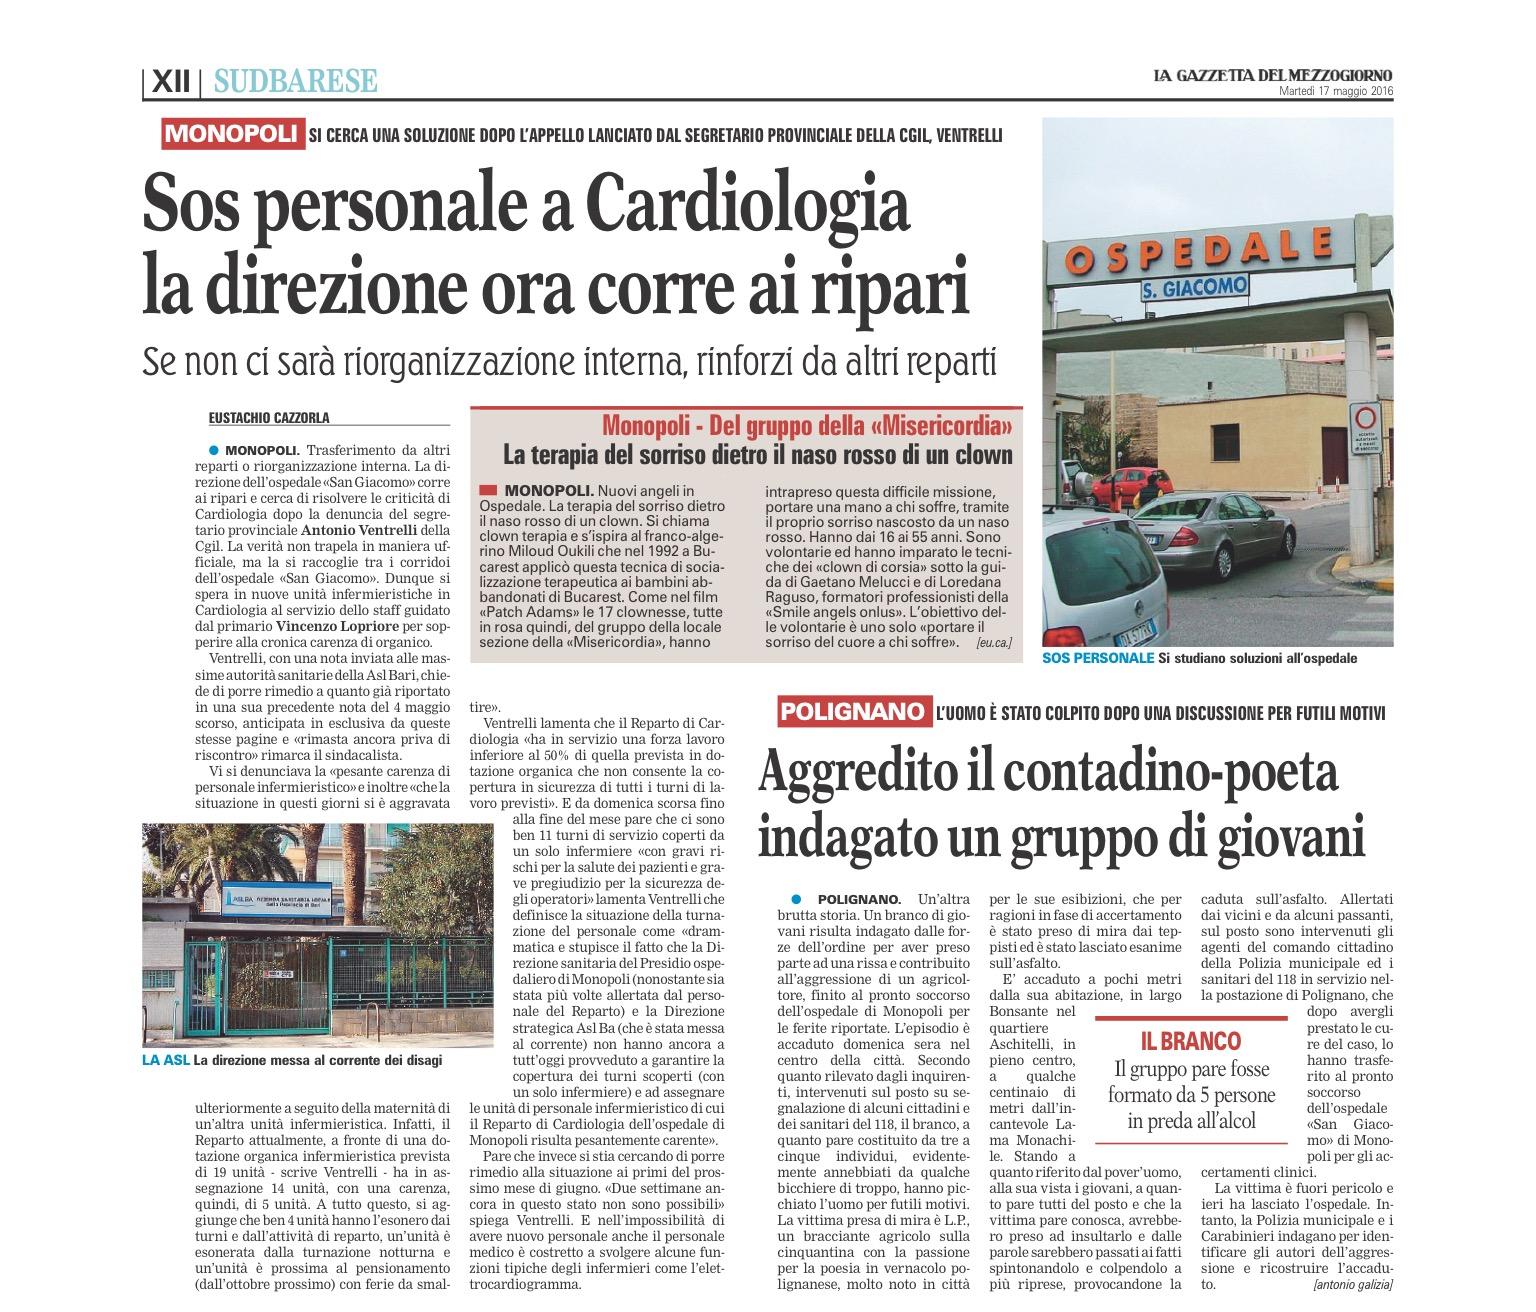 La Gazzetta del Mezzogiorno - 17.05.2016